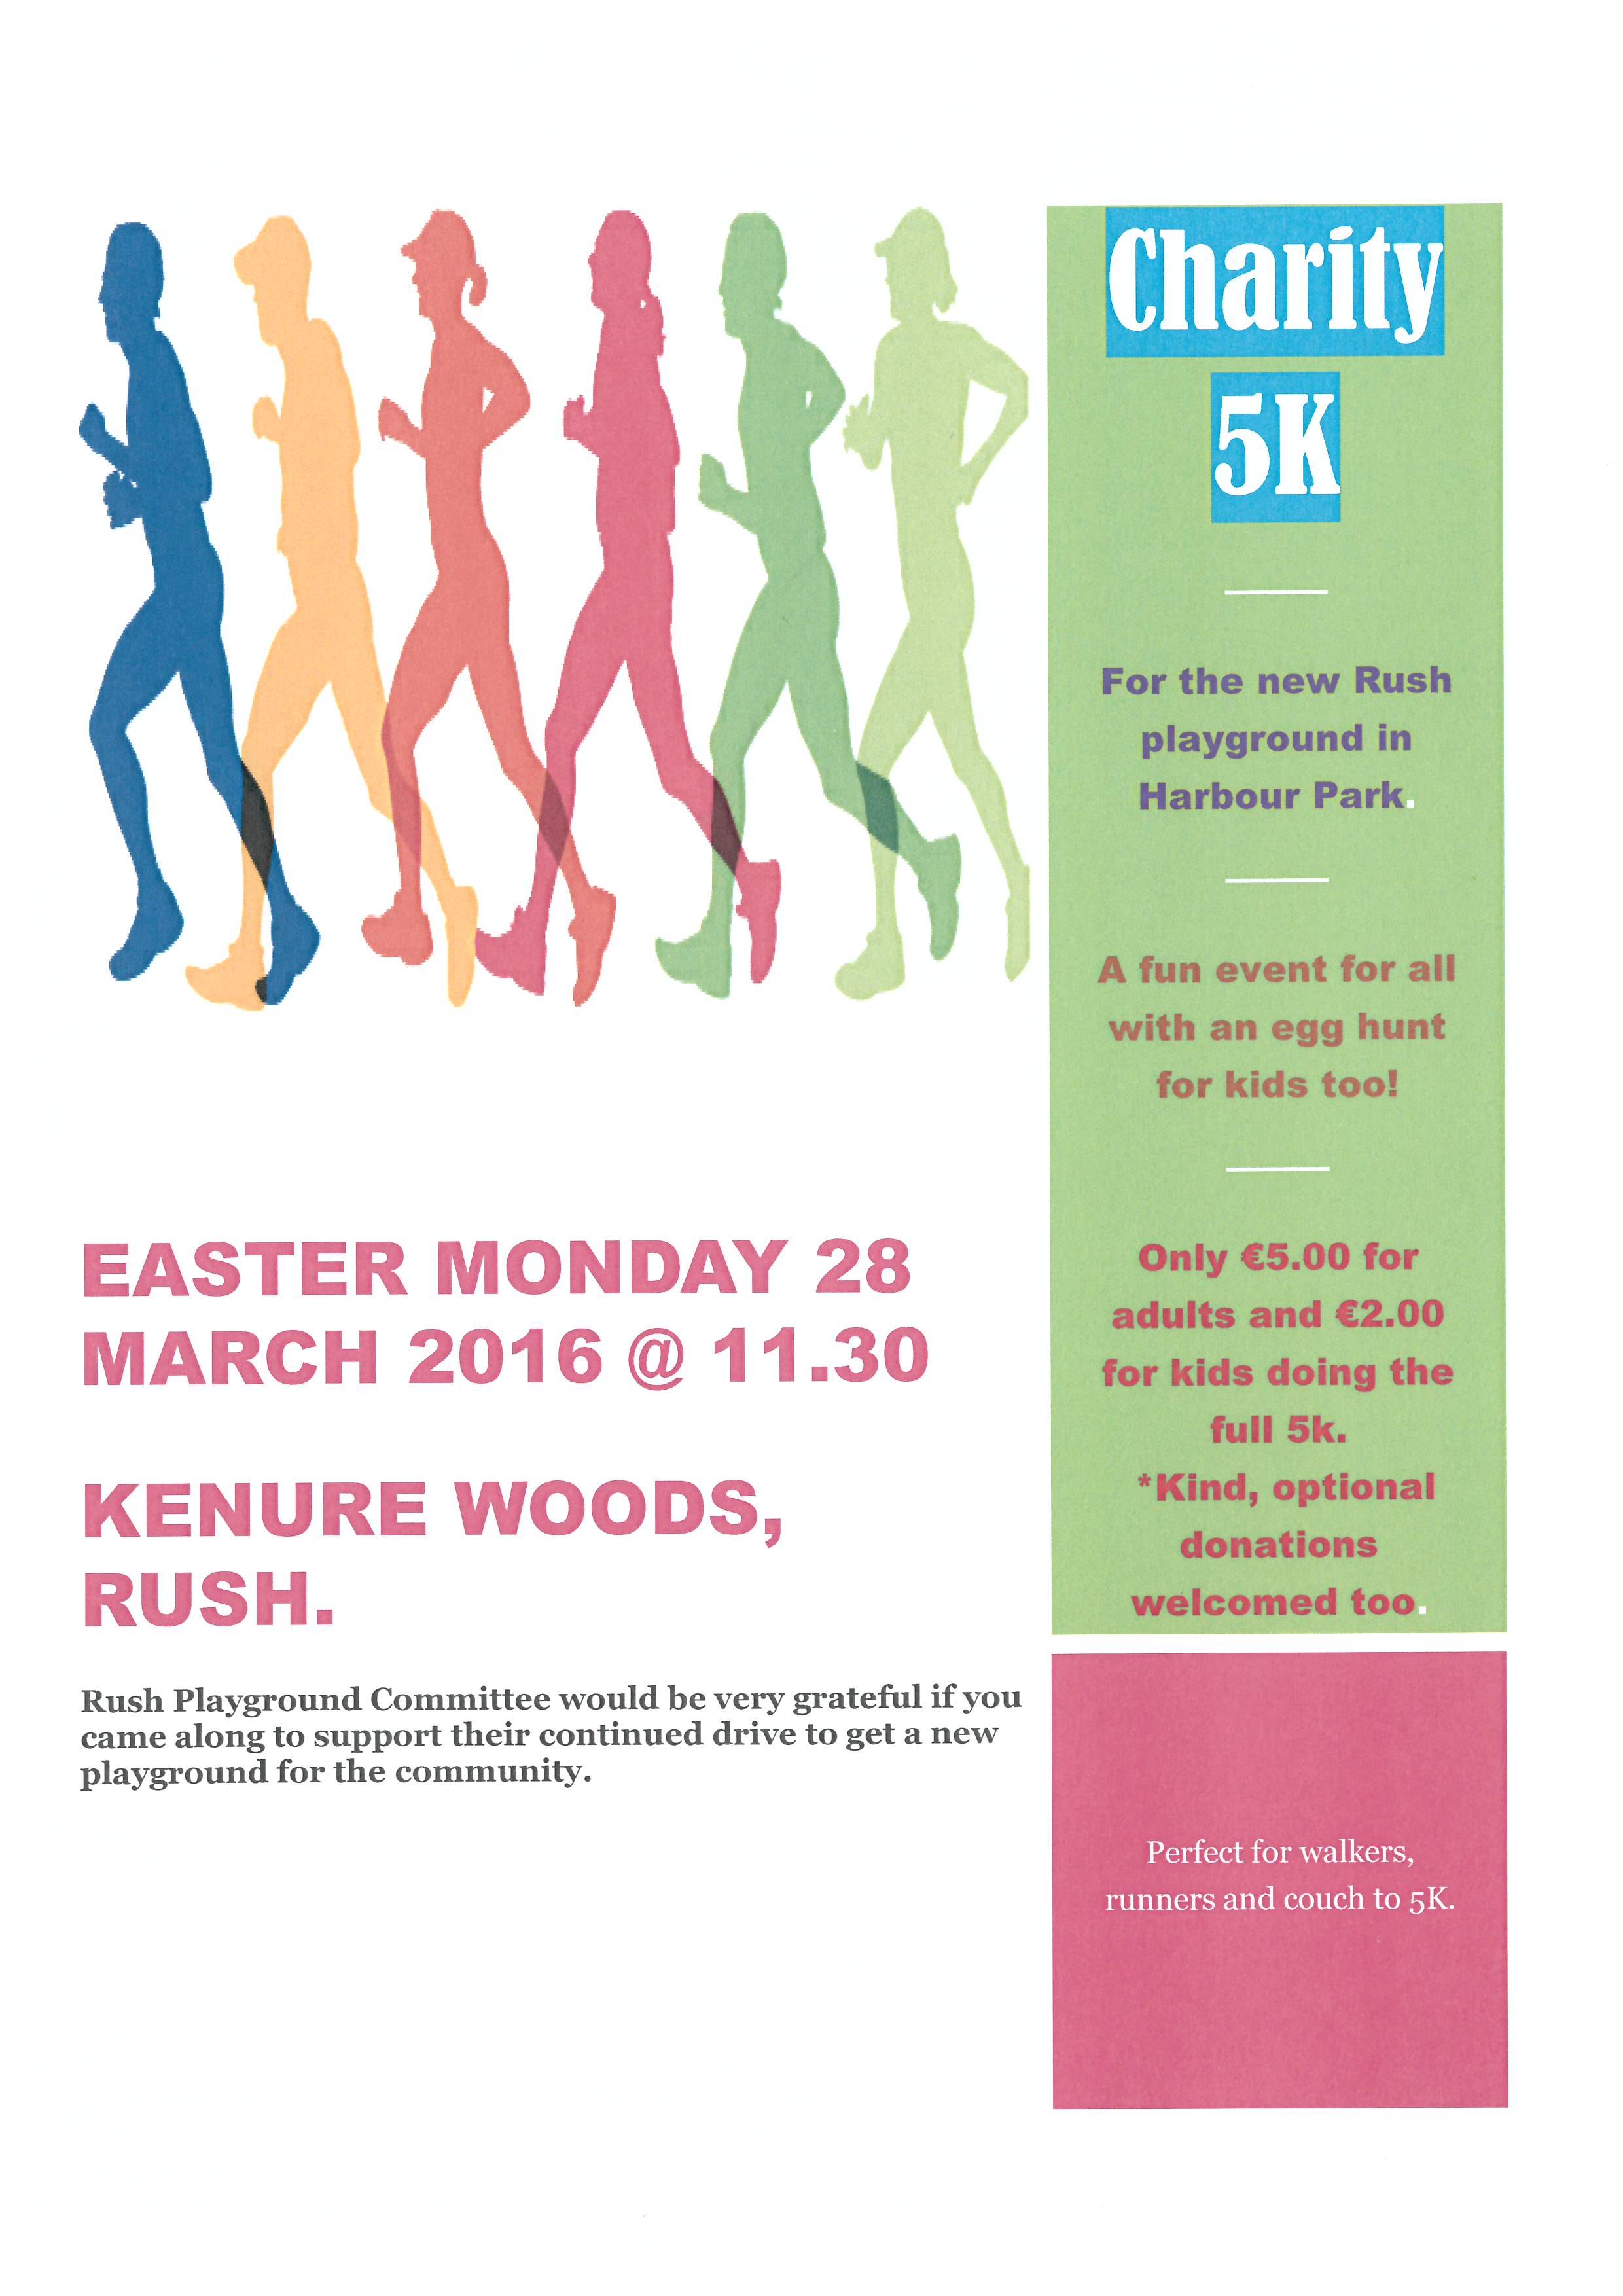 Charity 5K Run in Rush